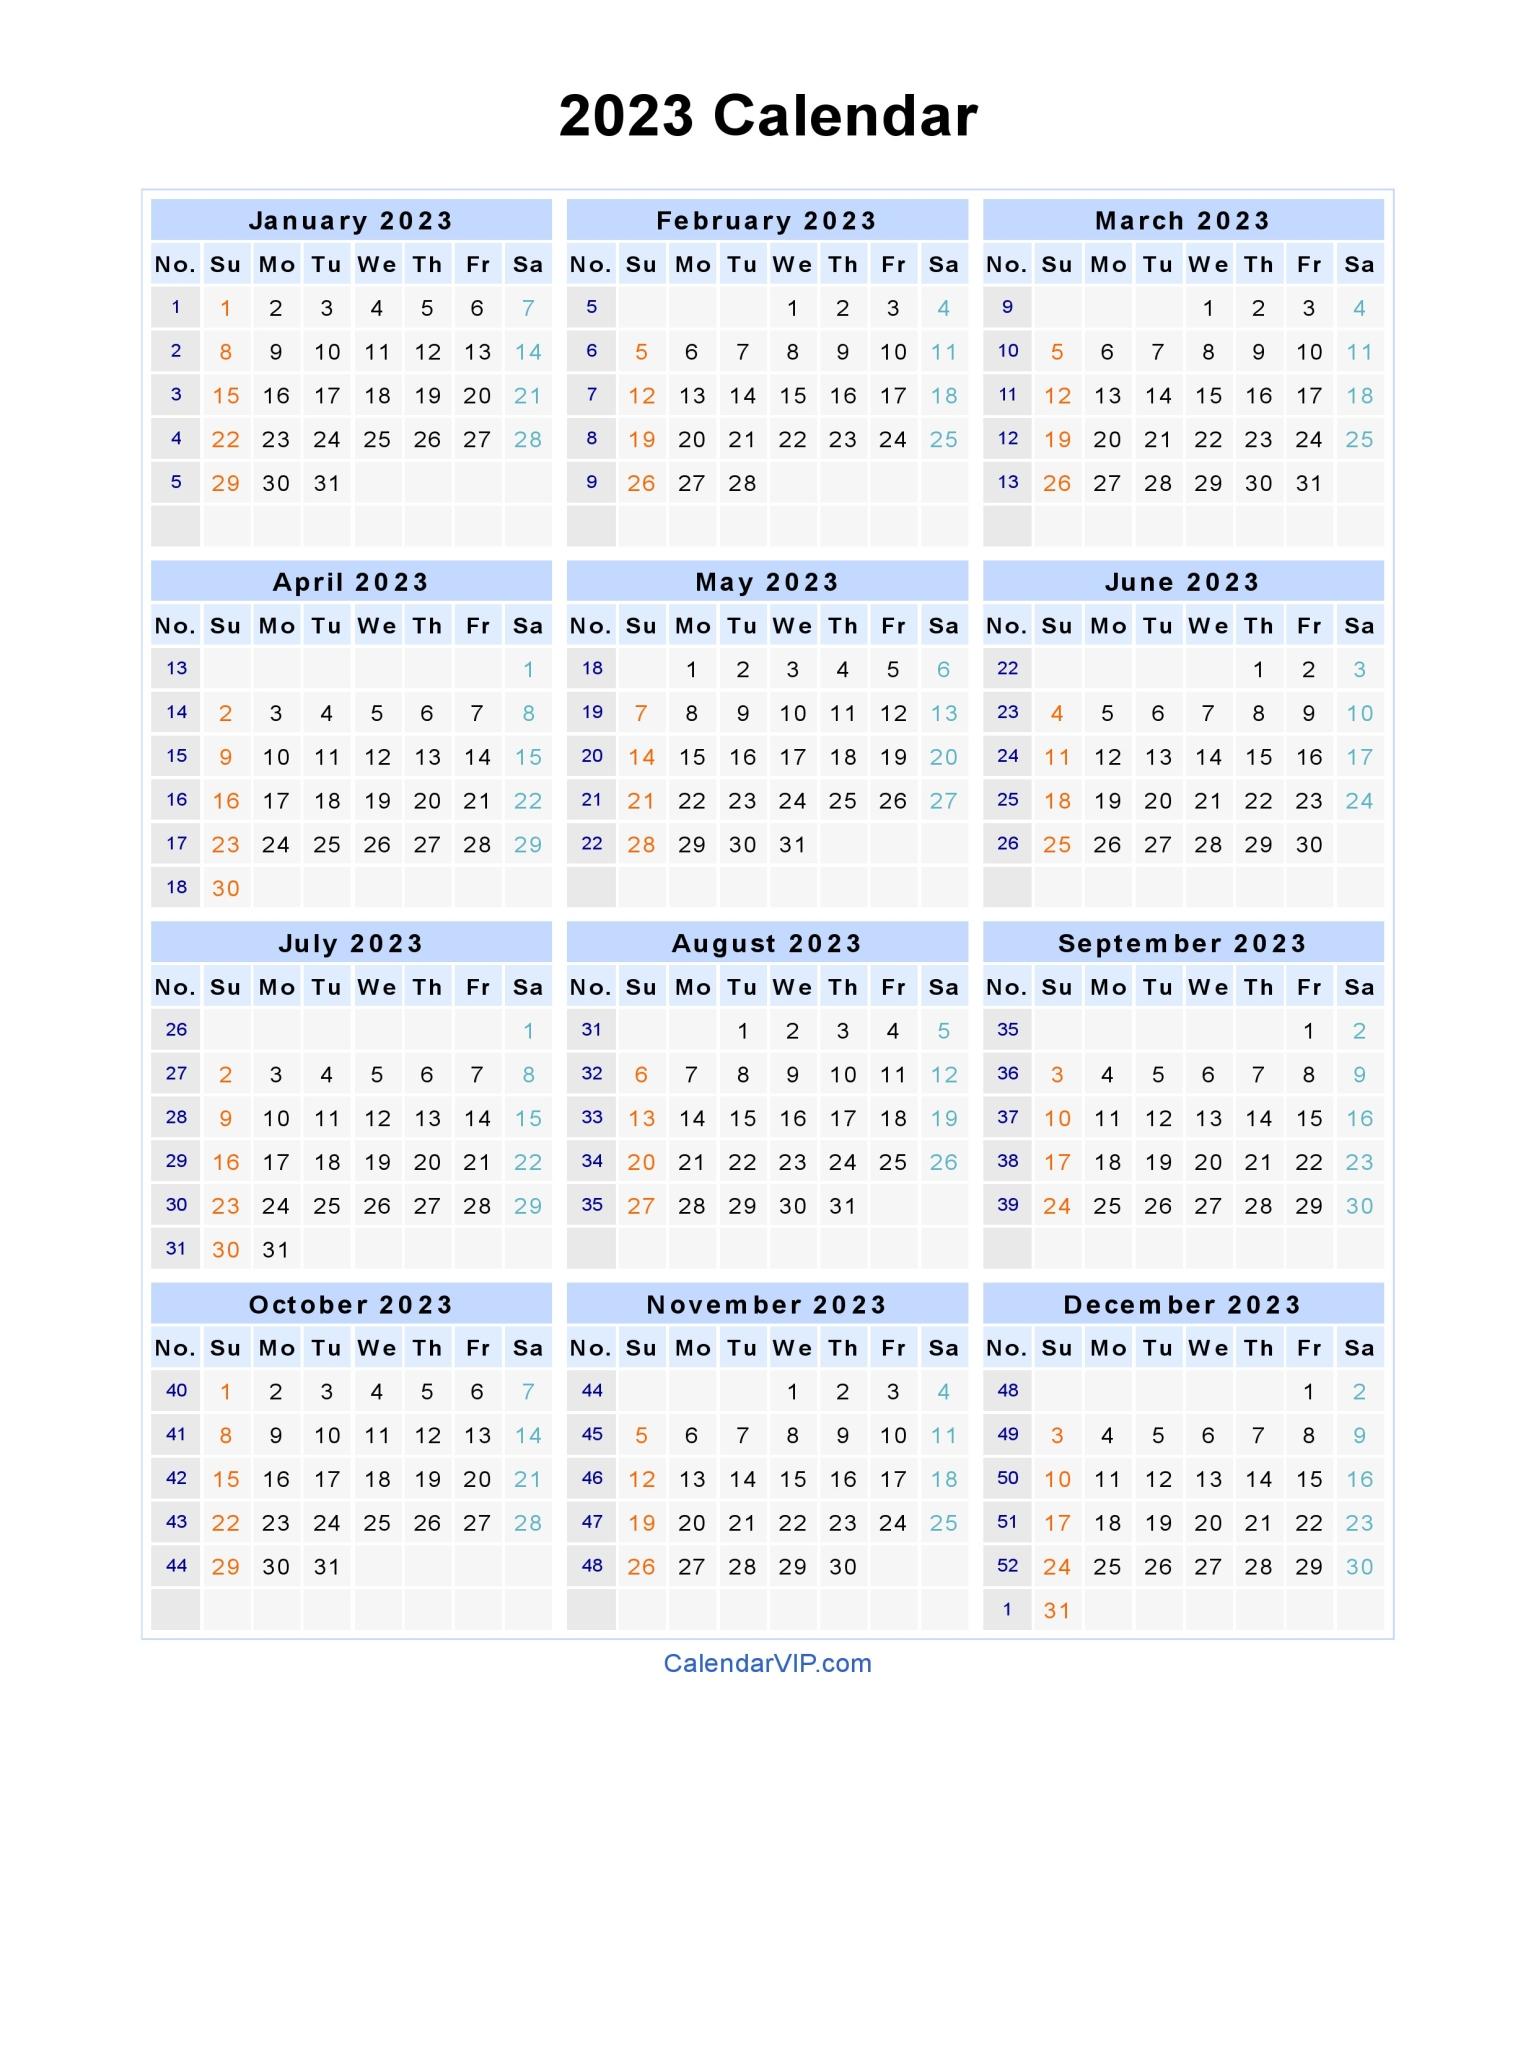 2023 Calendar - Blank Printable Calendar Template in PDF Word Excel